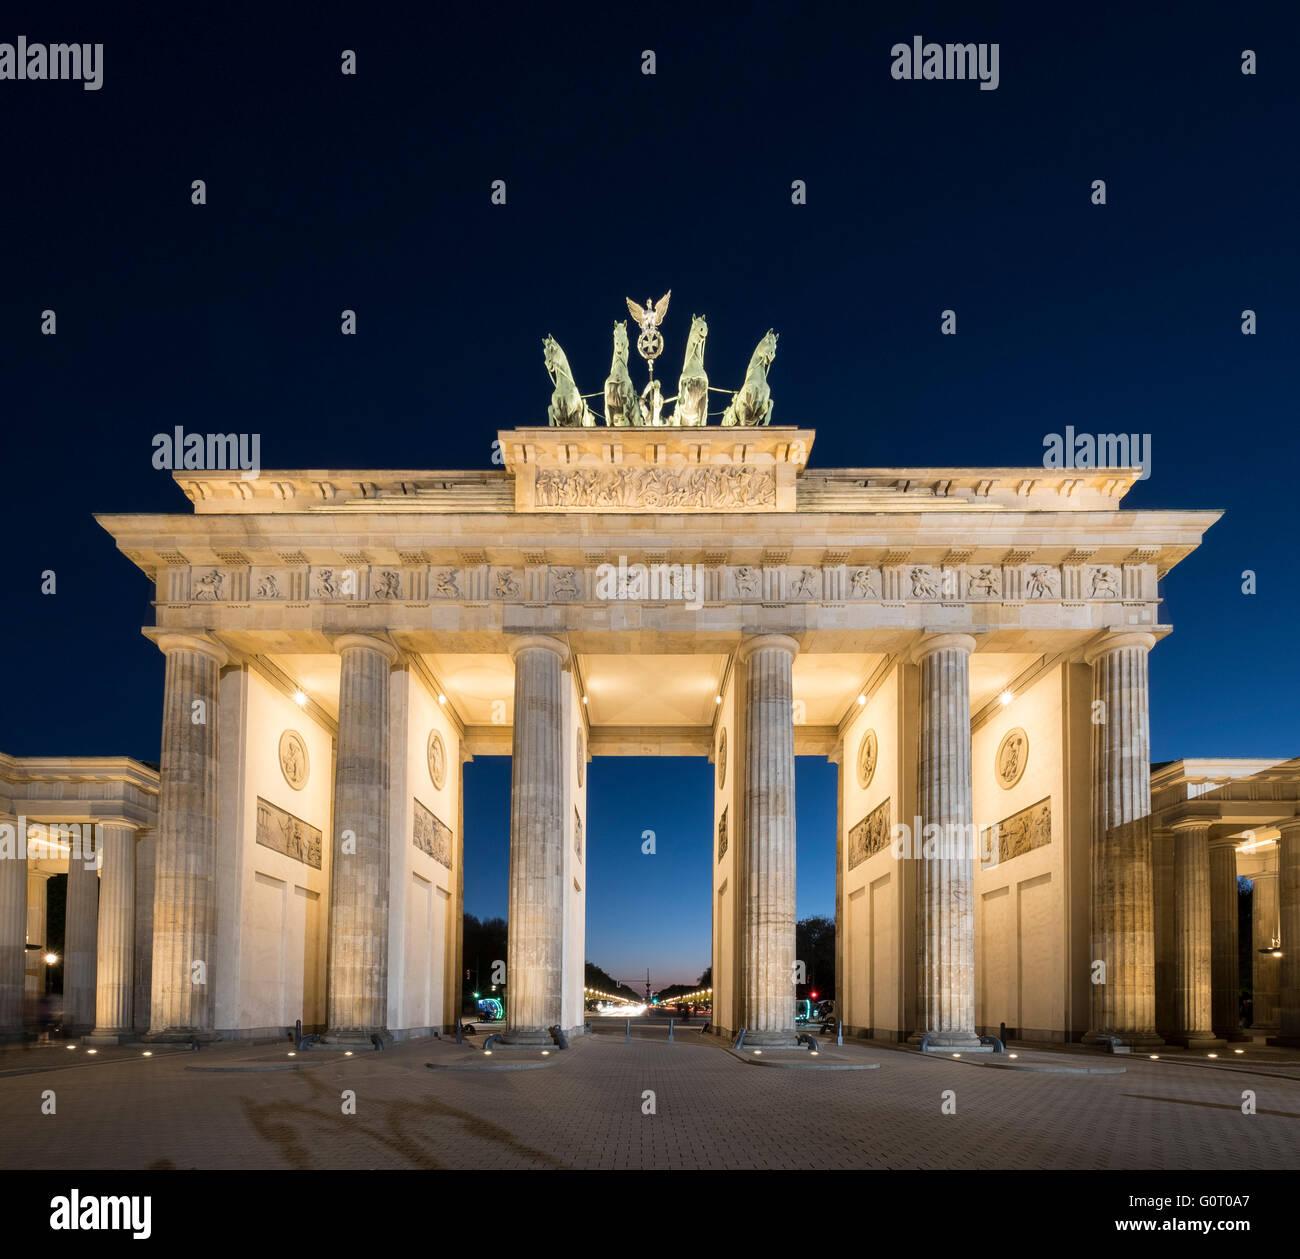 La porte de Brandebourg dans la soirée à Berlin Allemagne Photo Stock